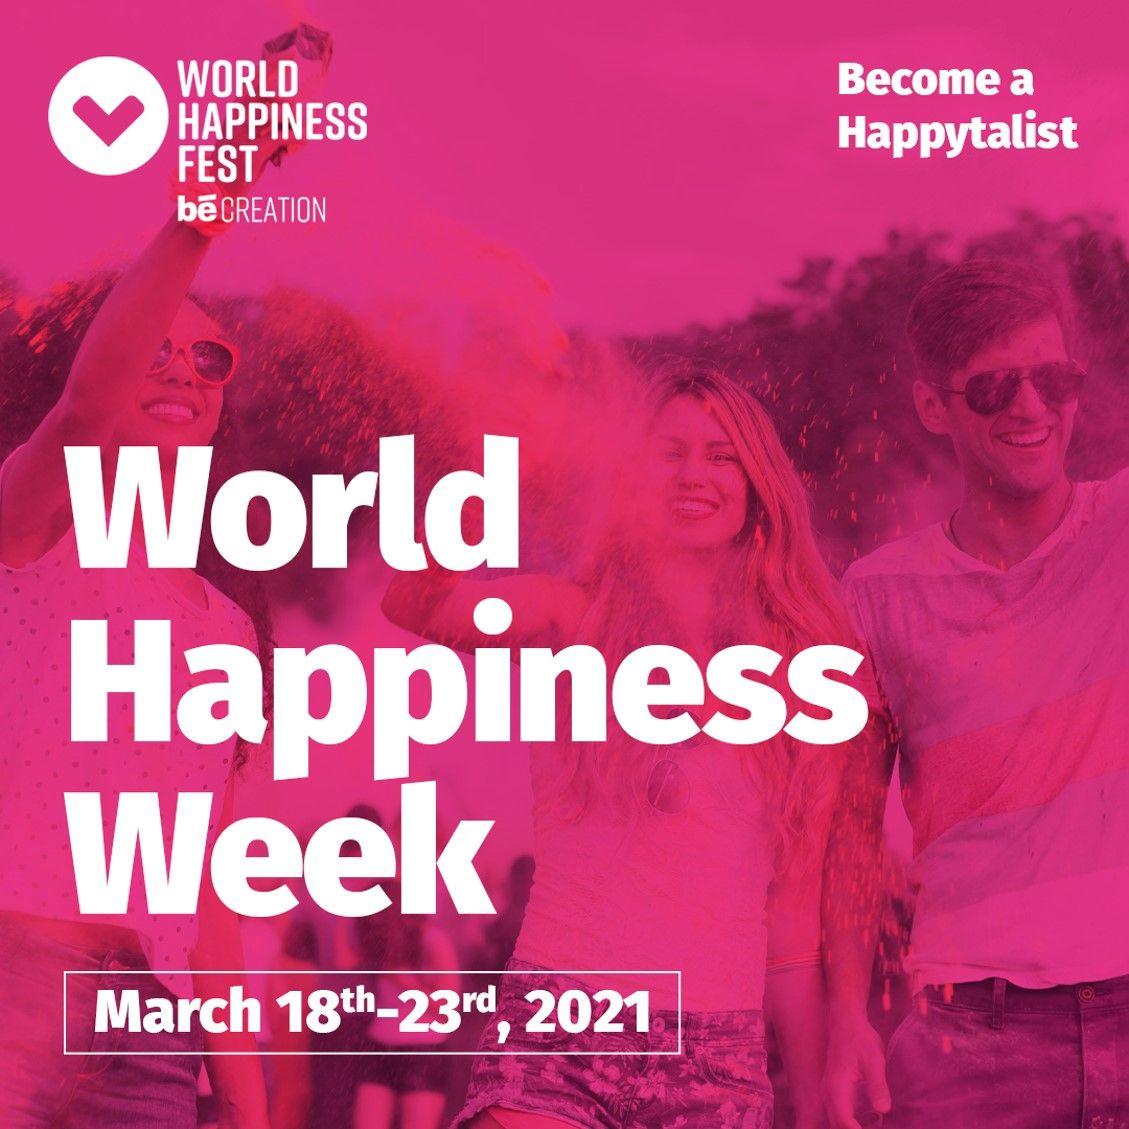 World Happiness Fest celebra la Semana mundial de la felicidad del 18 al 23 marzo 2021